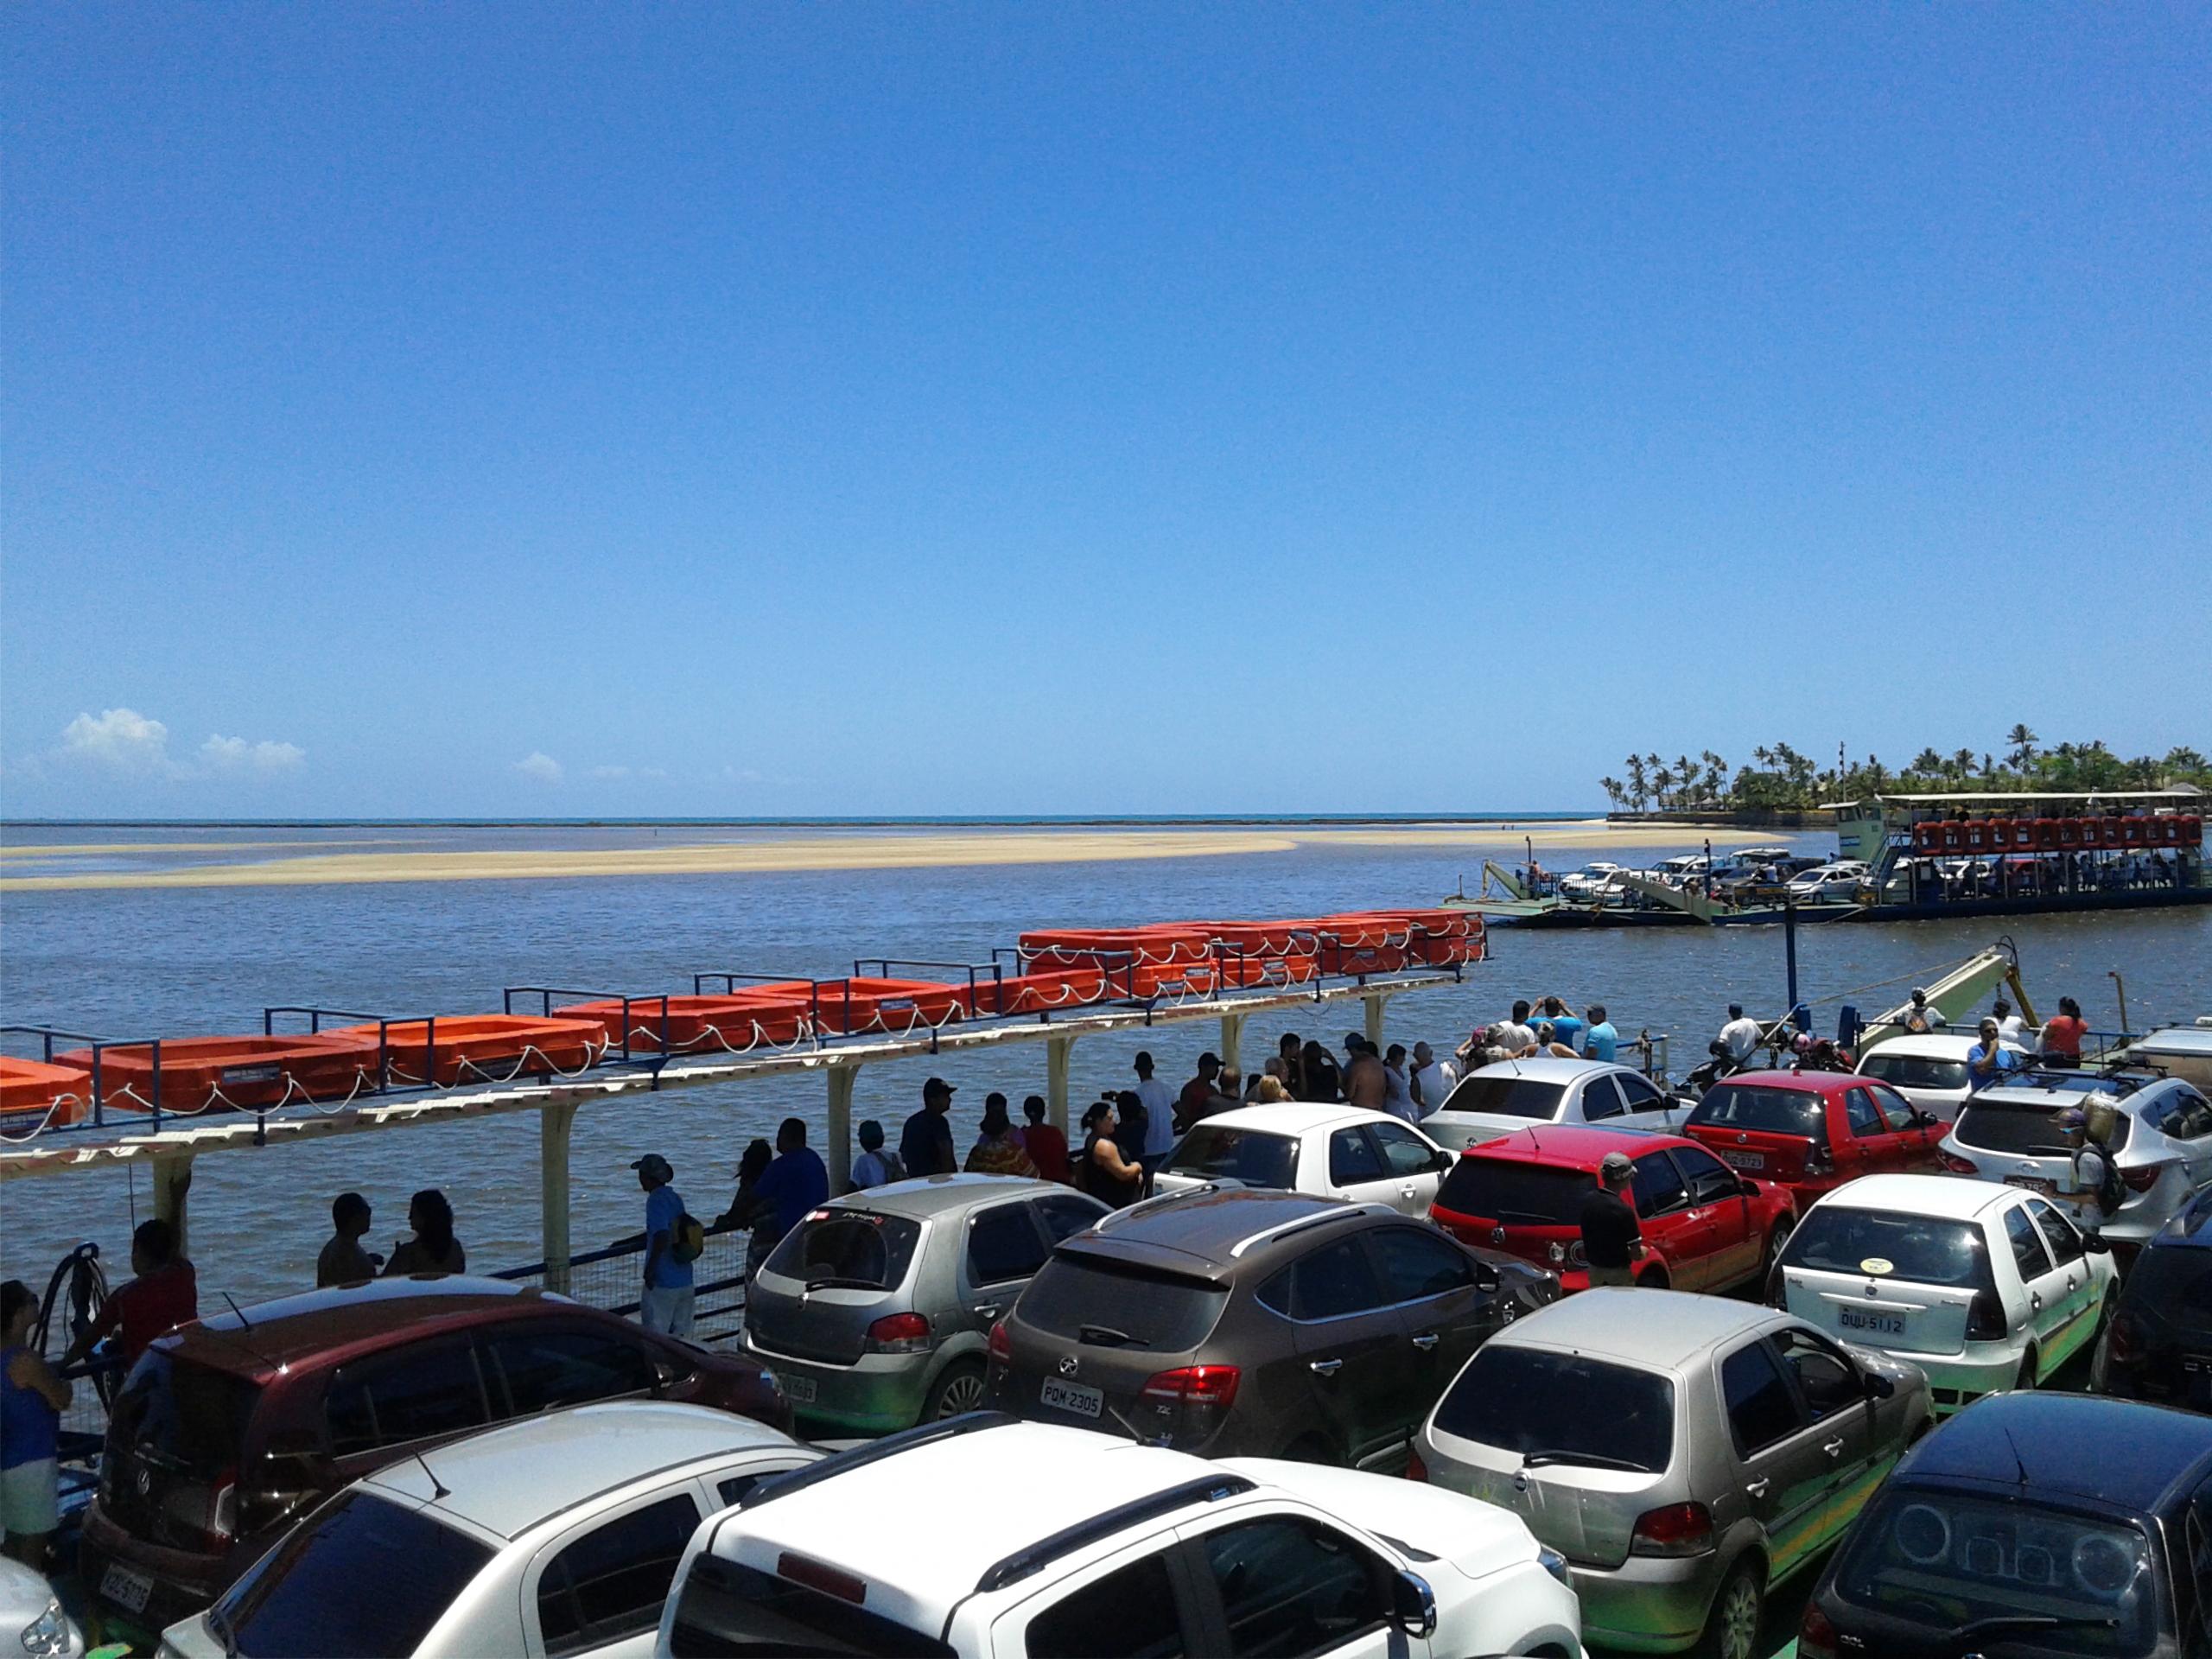 Quinta do porto hotel amp marina arraial d ajuda bahia - Balsas No Rio Buranh M Principal Acesso Ao Distrito De Arraial D Ajuda